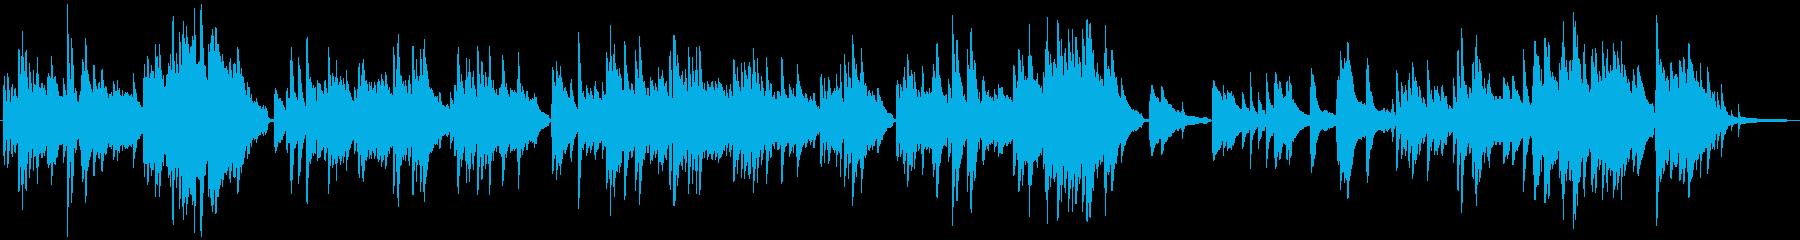 透明感のある切ないピアノの再生済みの波形